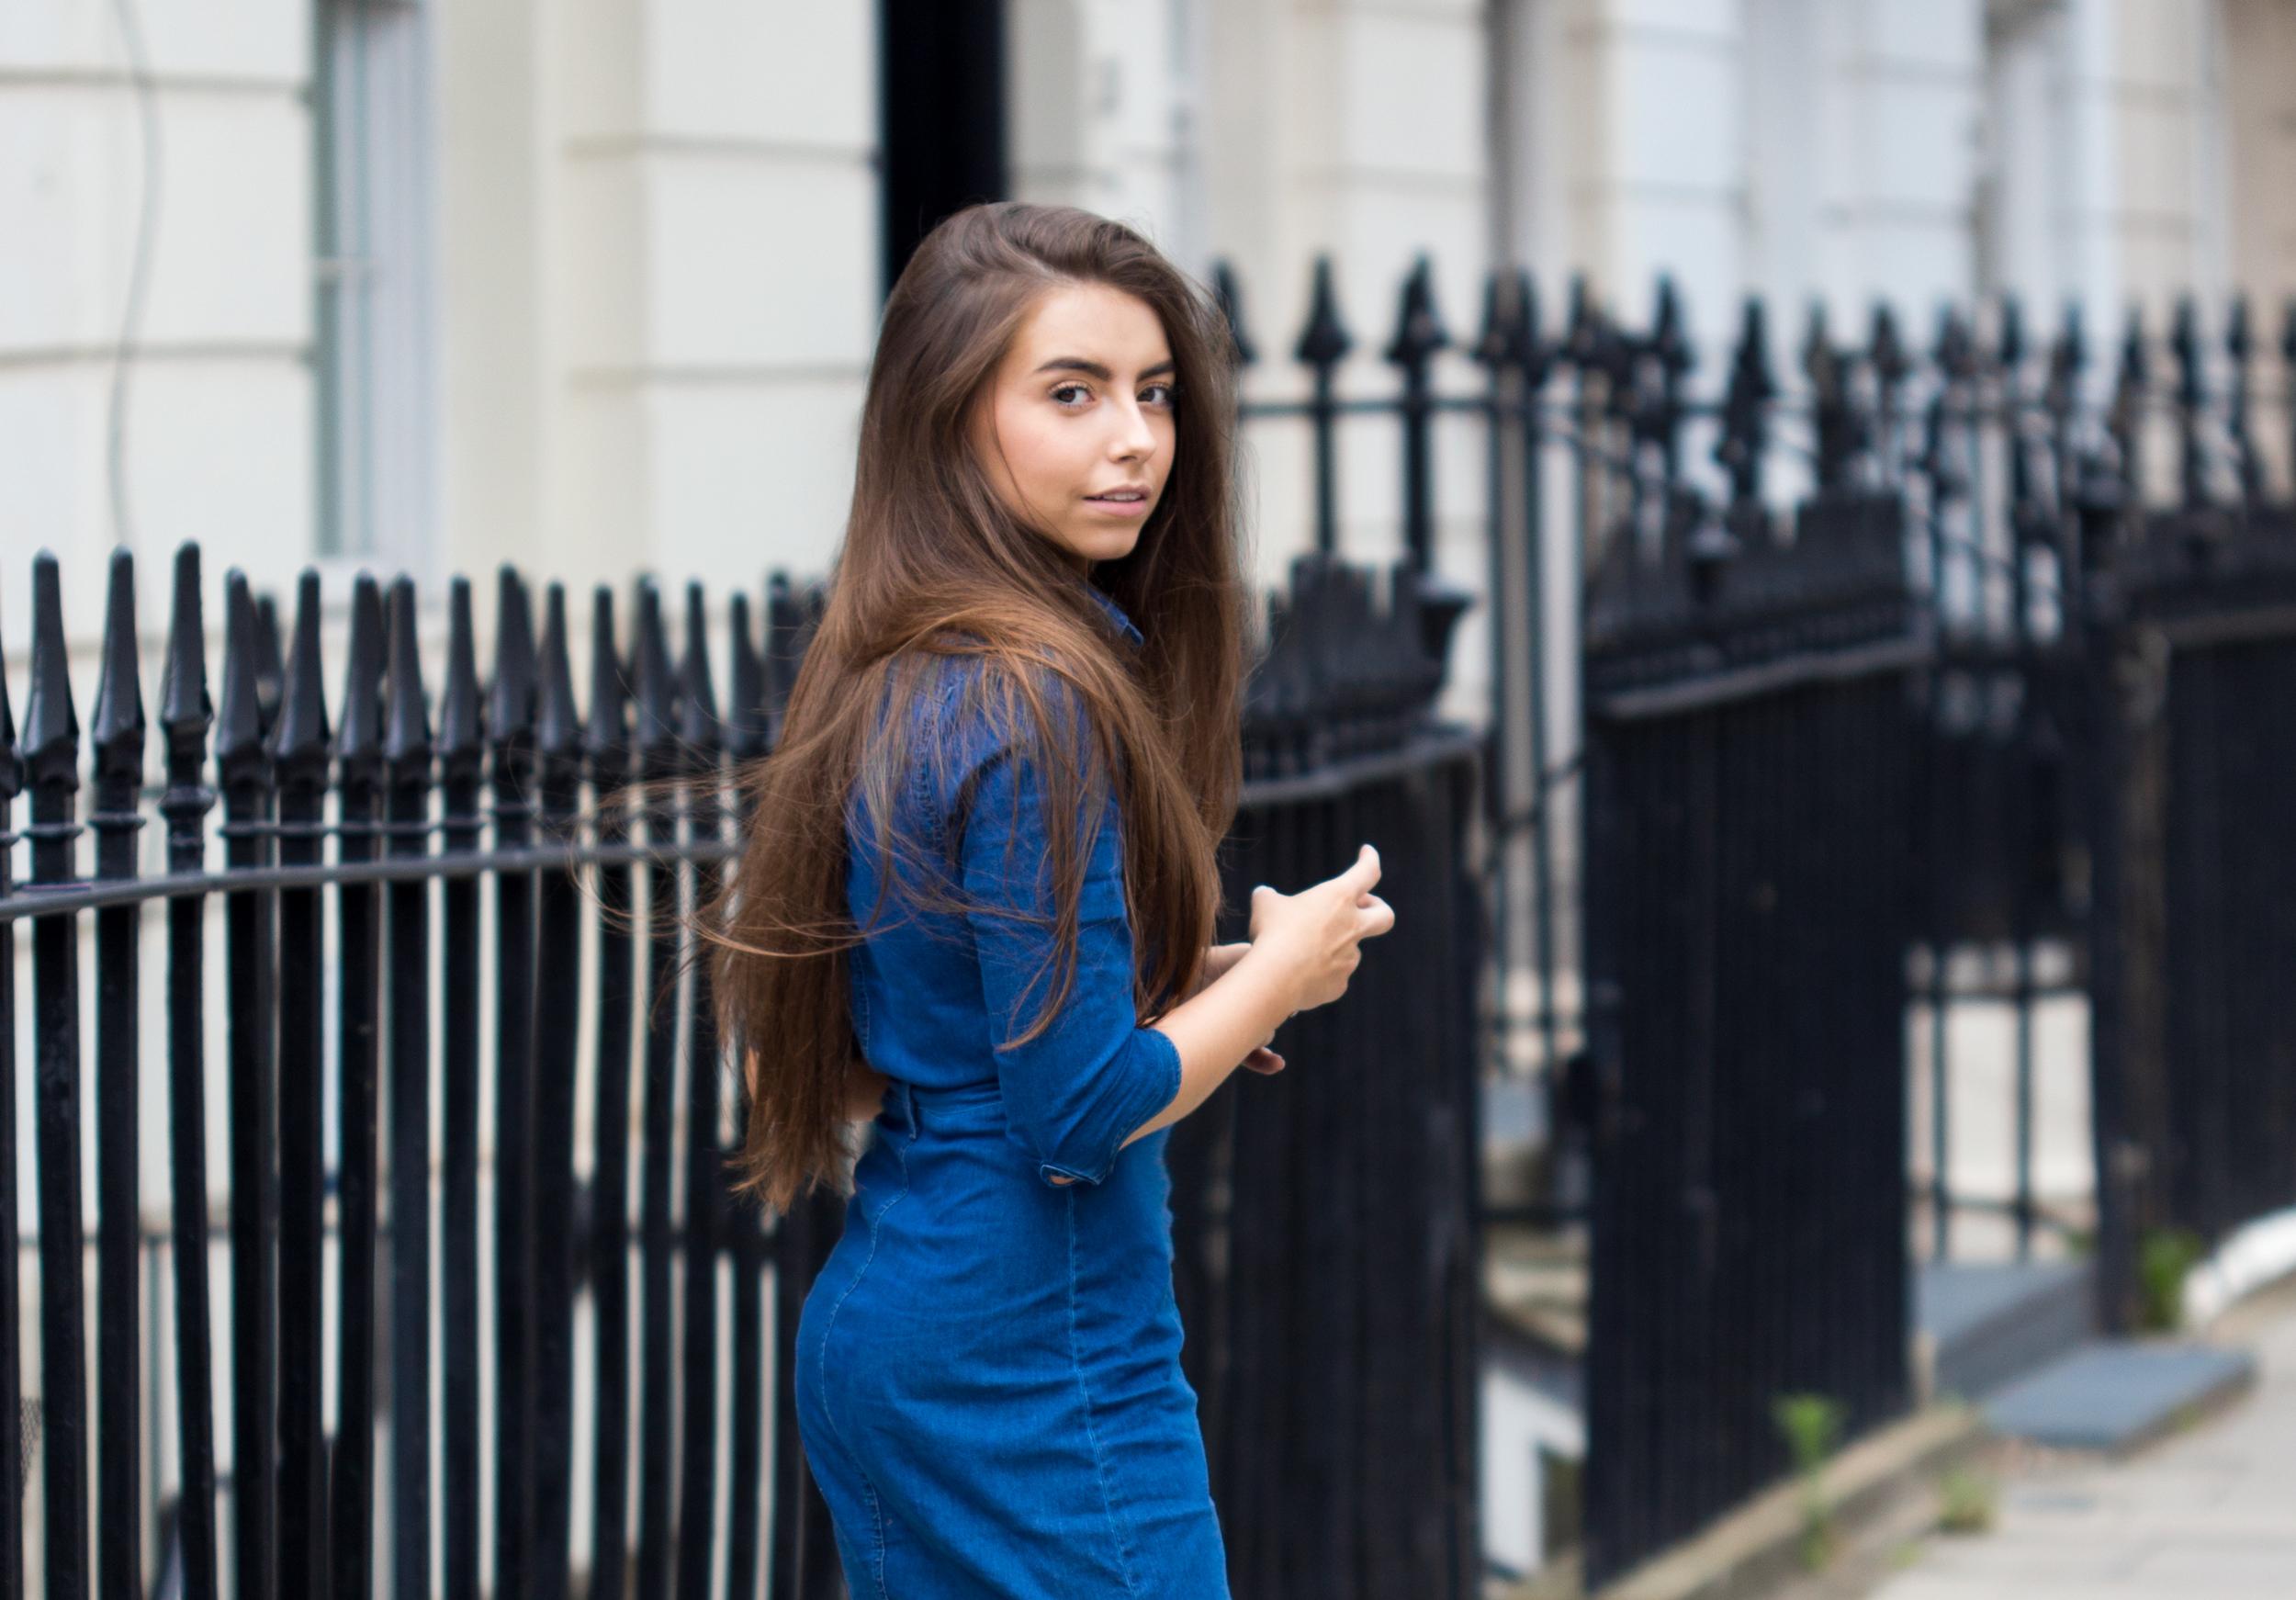 The future of fashion blogging